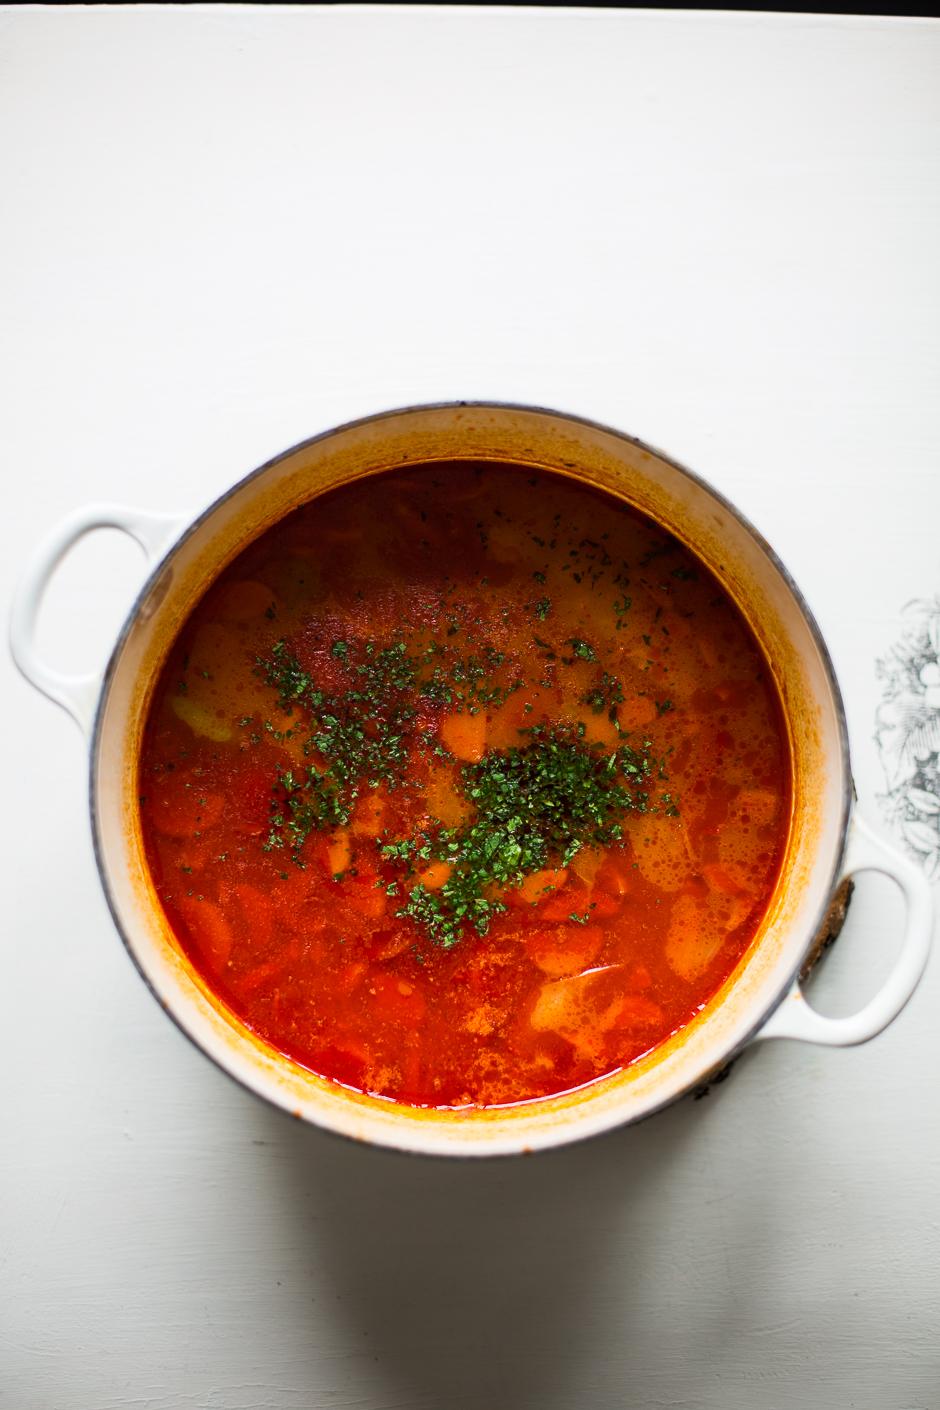 fejtett bableves az Emlékek Íze konyhájából www.emlekekize.hu